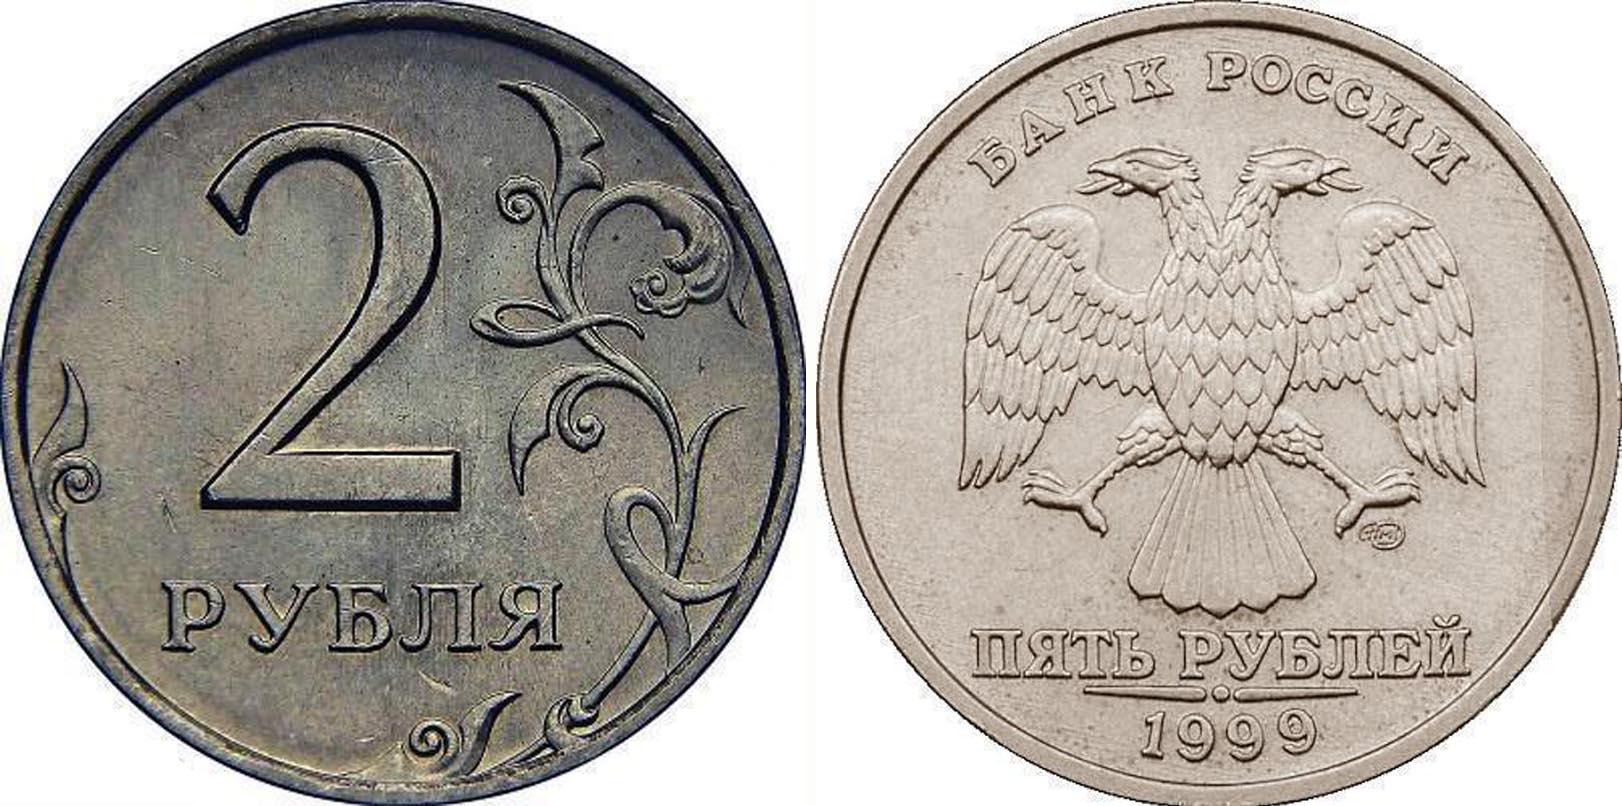 Цены на монеты 1999 года